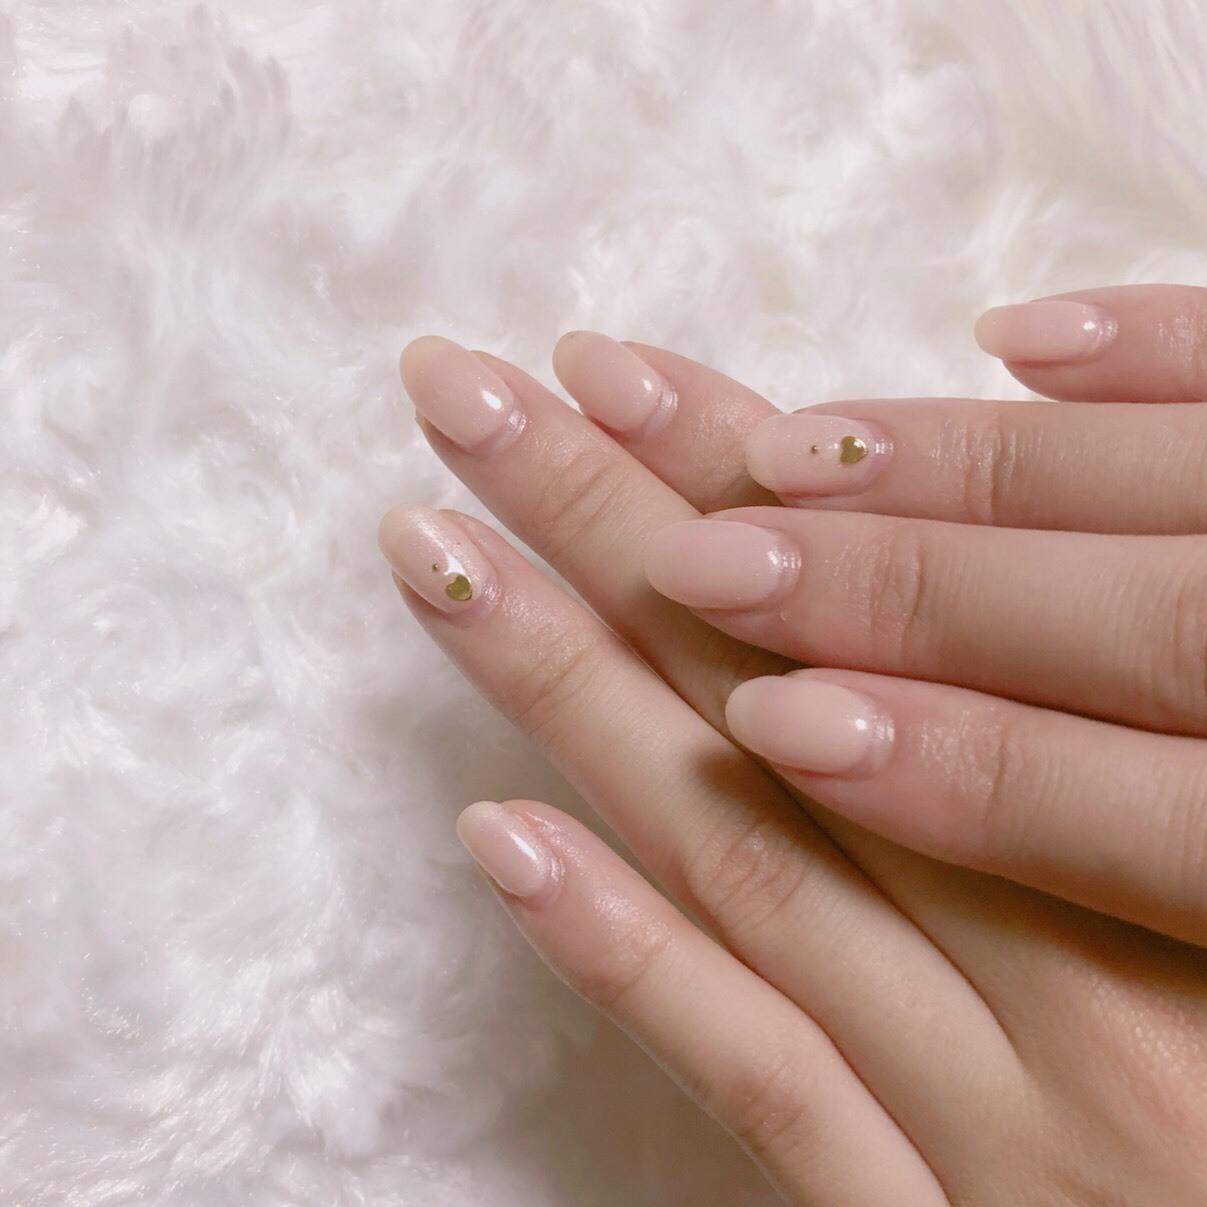 【 第110回❤︎ 】薬指のハートがポイント♡ミルキーピンクネイル*_1_3